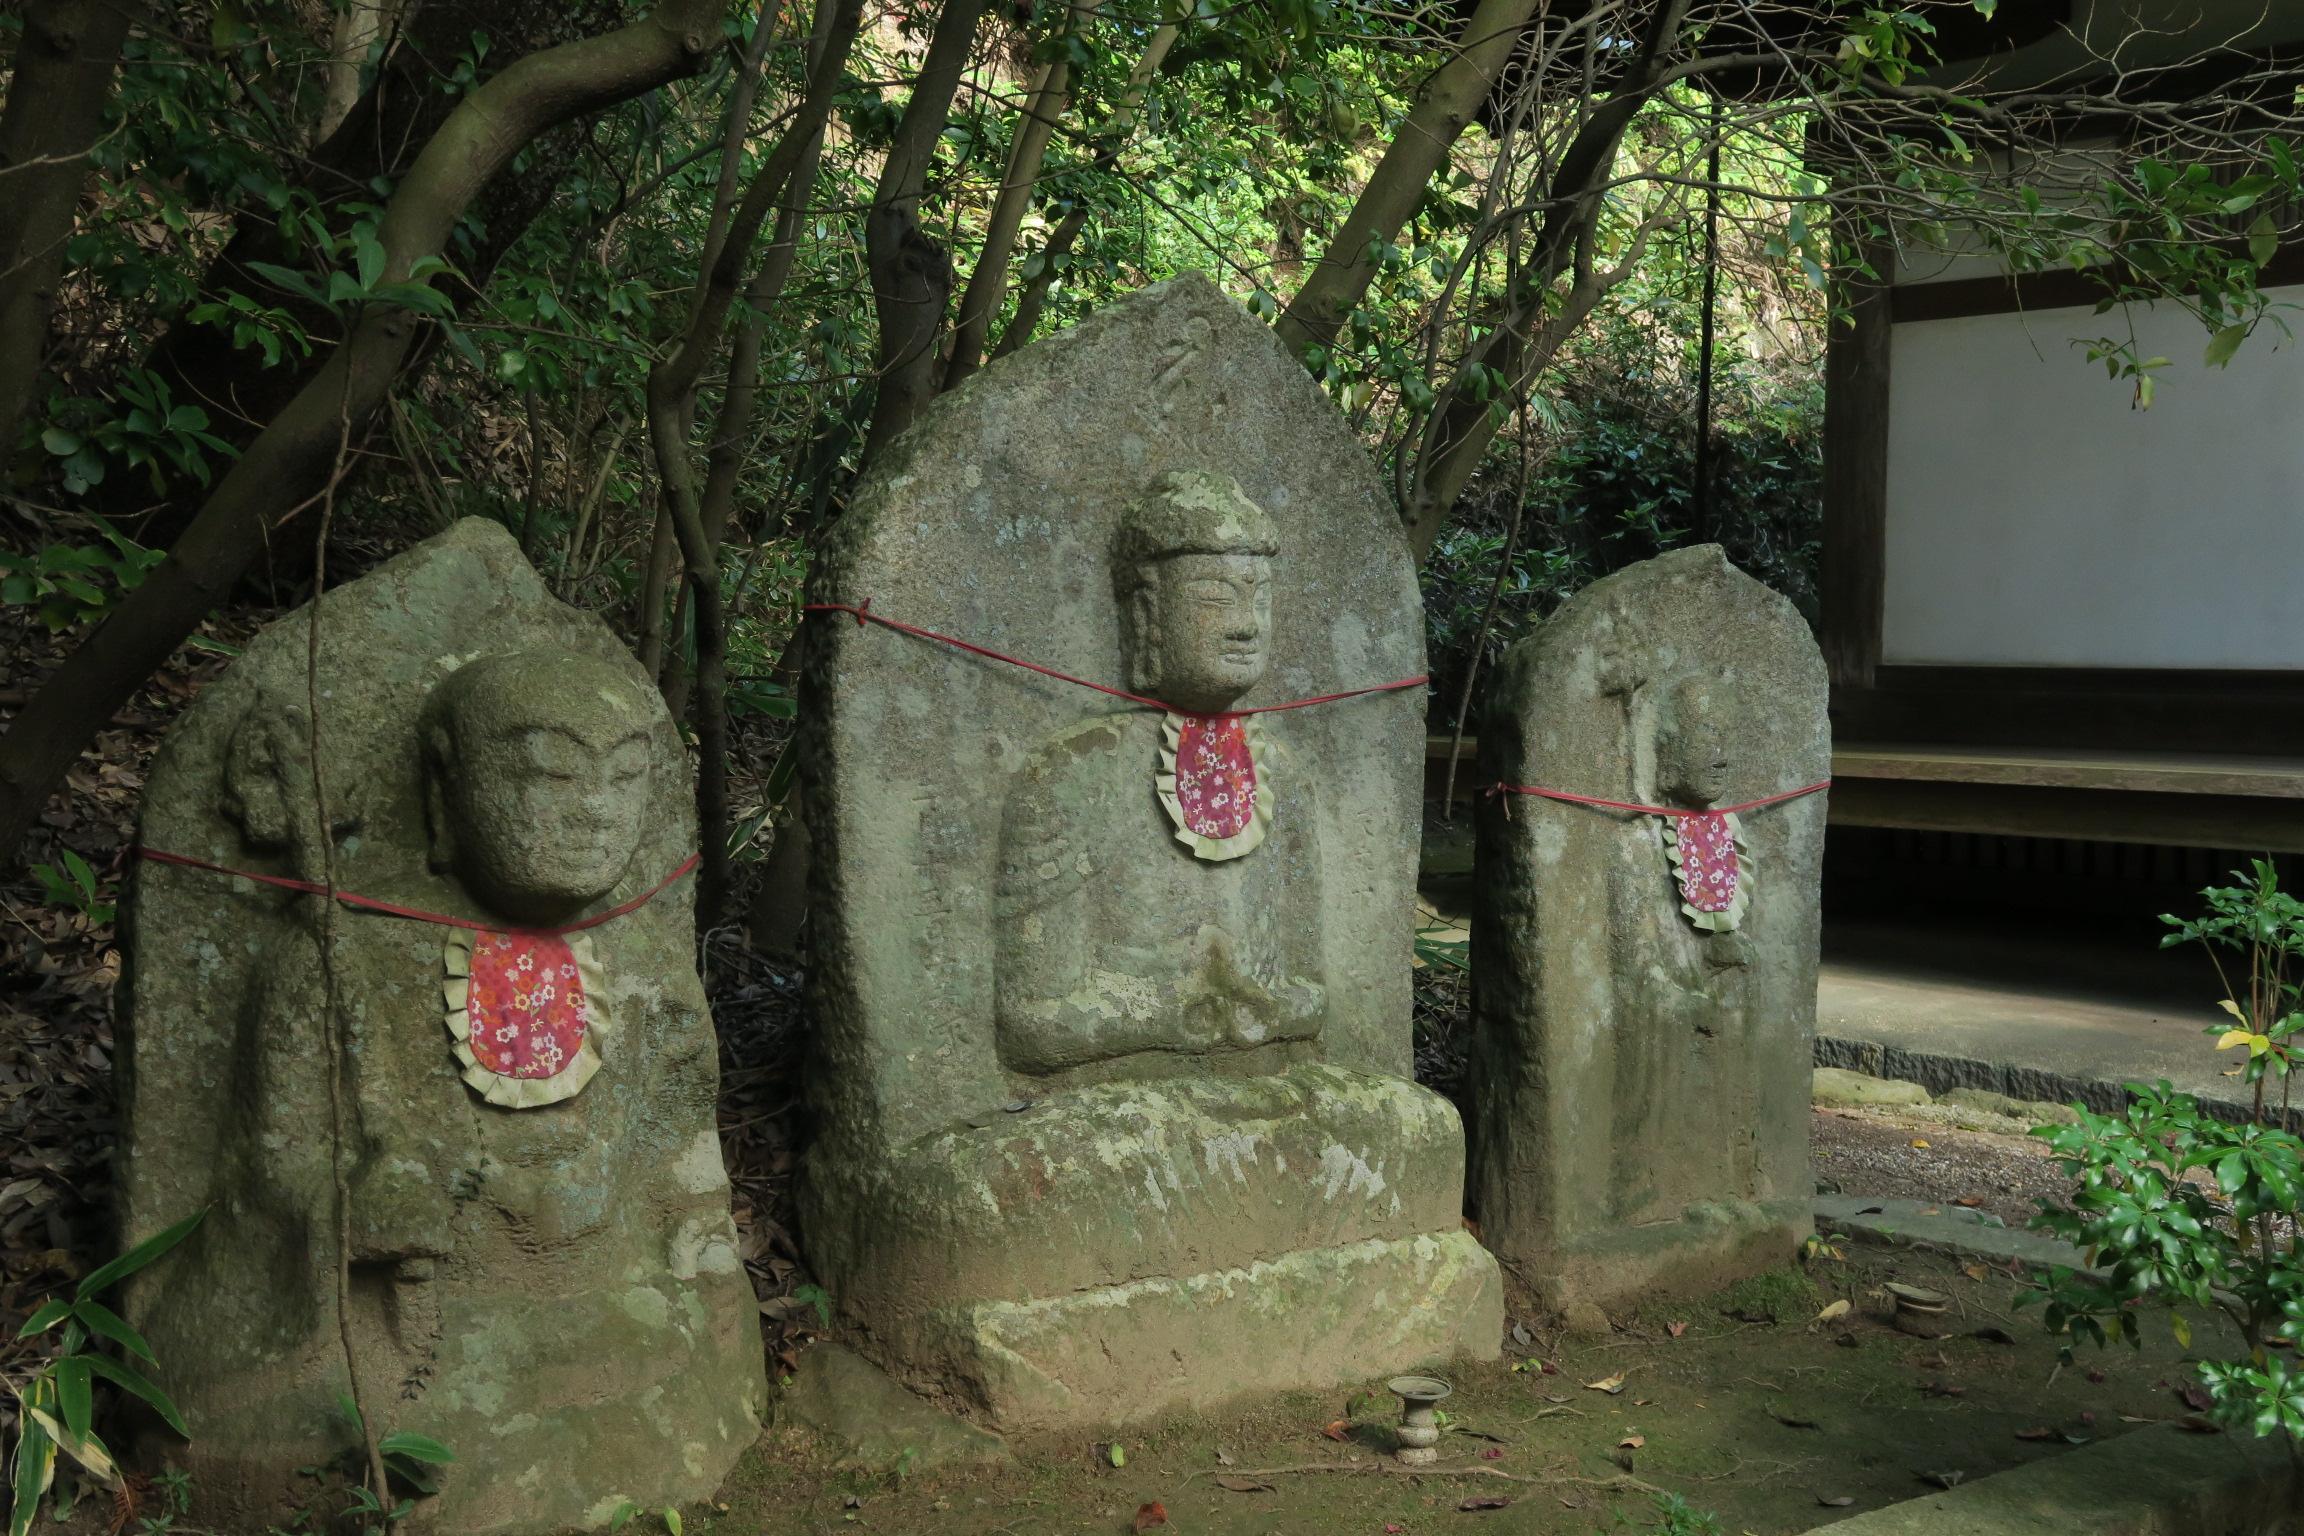 護摩堂横の3体の石仏。左から地蔵坐像、阿弥陀如来坐像、地蔵立像です。